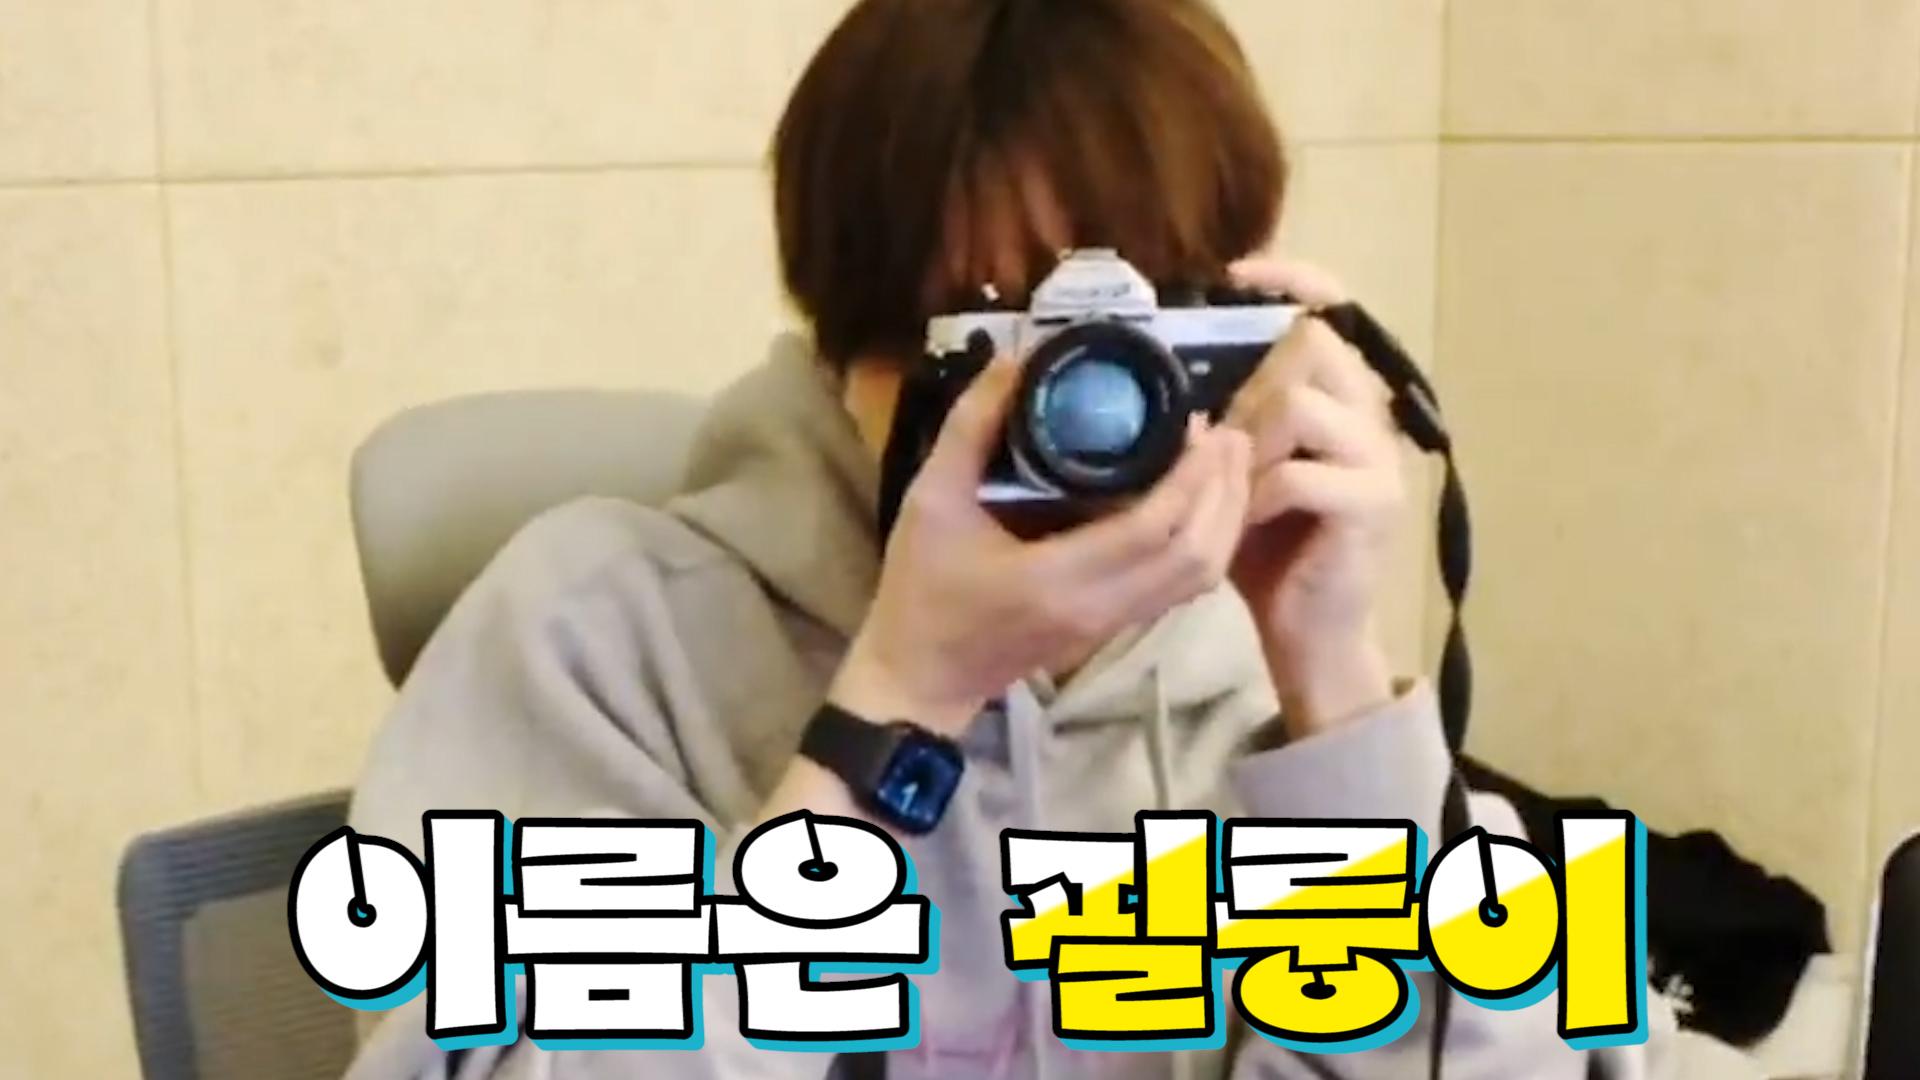 [VICTON] 📸세준이와 필룽이의 여행을 응원해!!(부럽다 필룽아) (SEJUN introducing his camera)